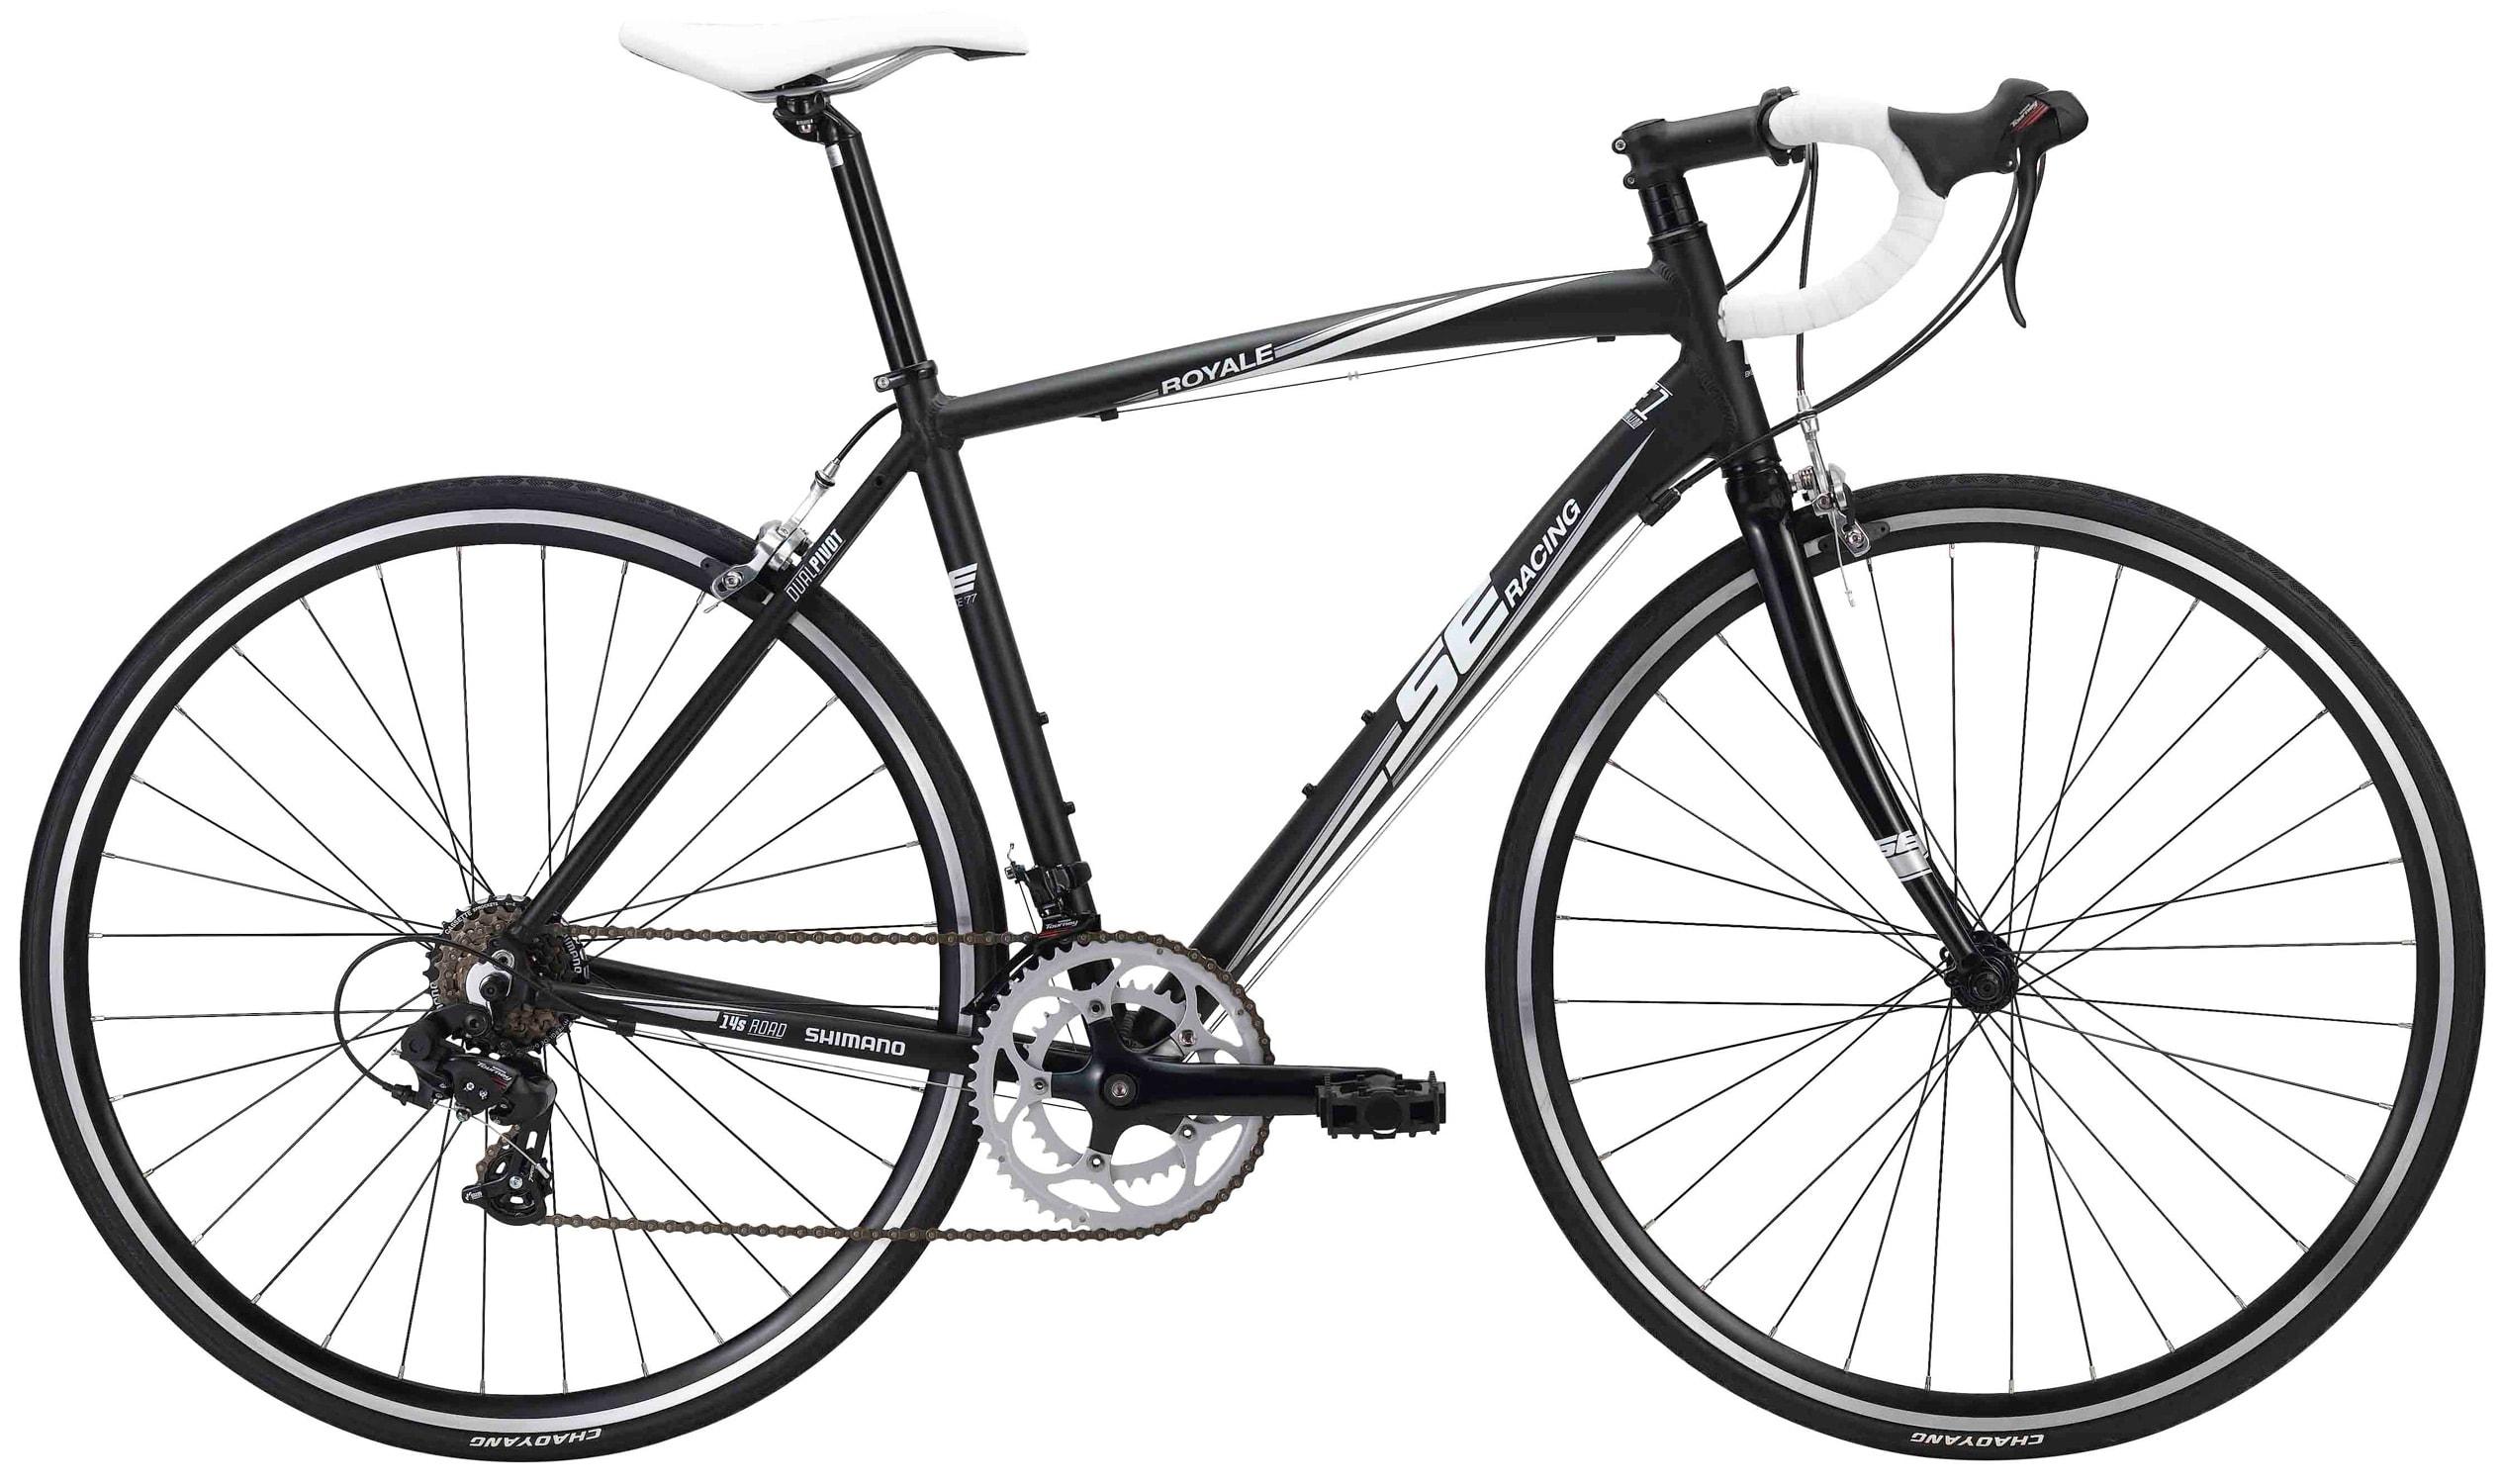 SE Royale 14 Bike qseroy1454mb13zz-se-bikes